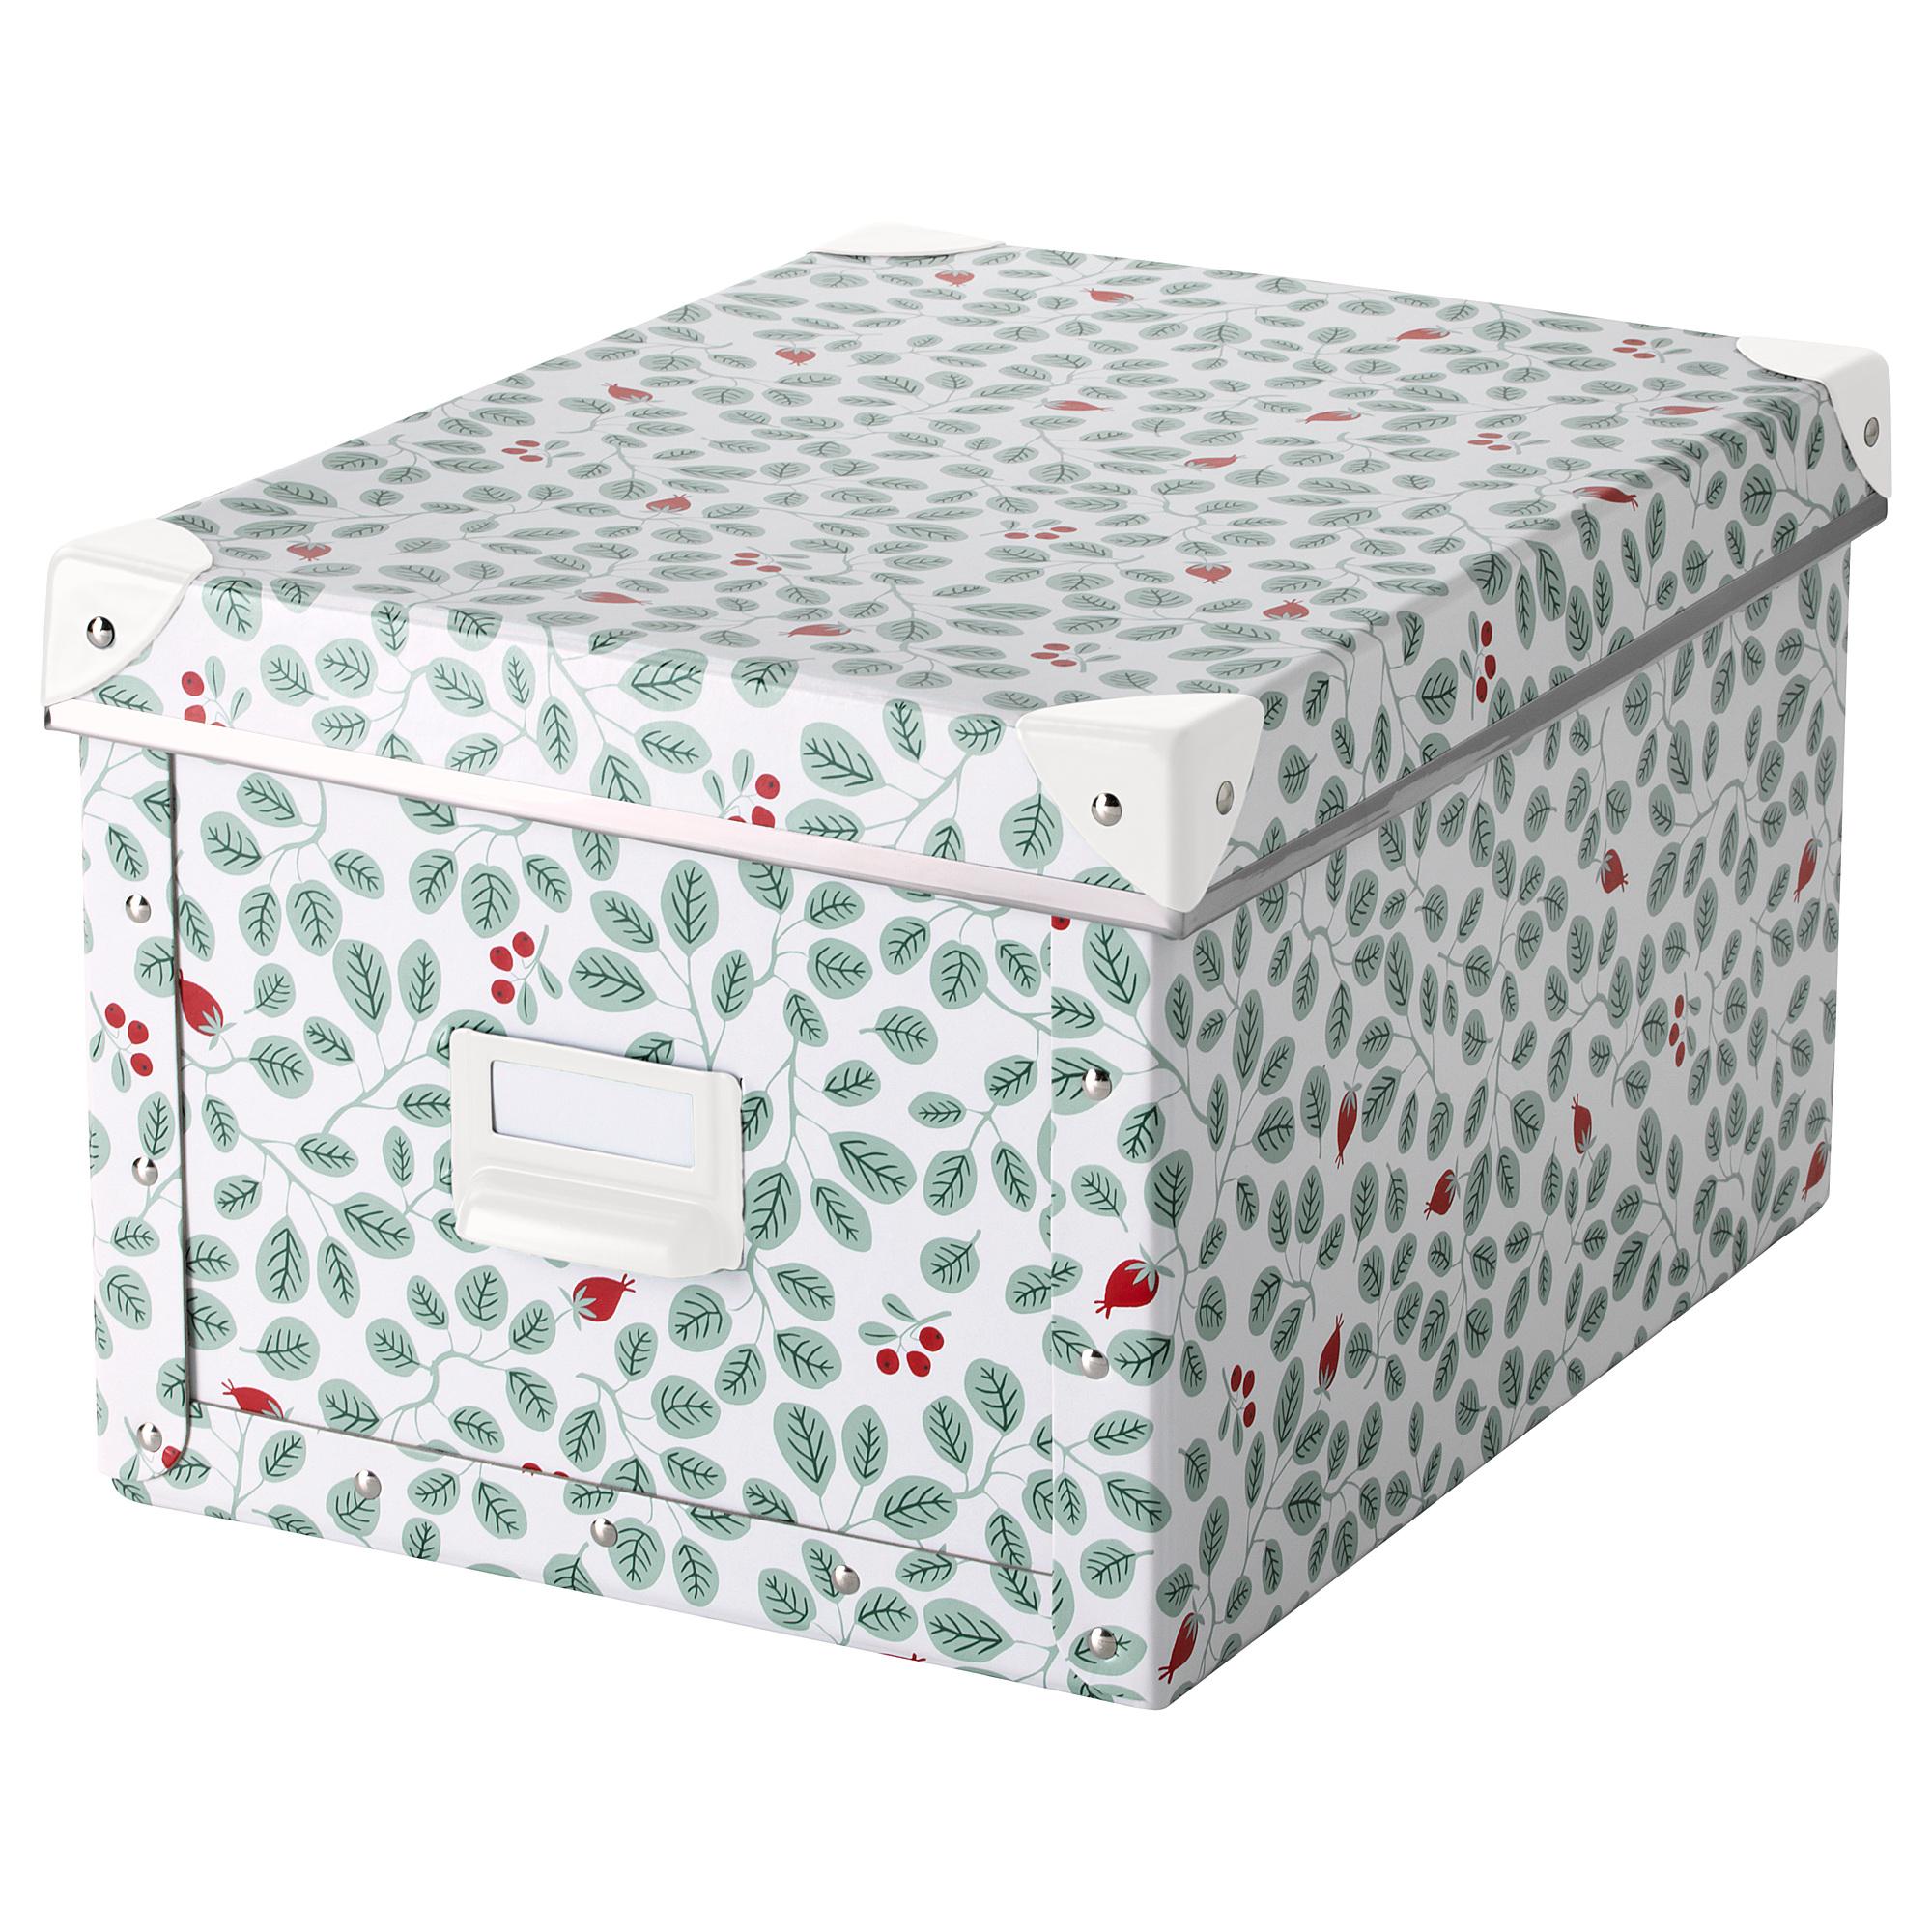 Коробка с крышкой ФЬЕЛЛА зеленый артикуль № 603.991.91 в наличии. Интернет магазин IKEA Беларусь. Недорогая доставка и соборка.